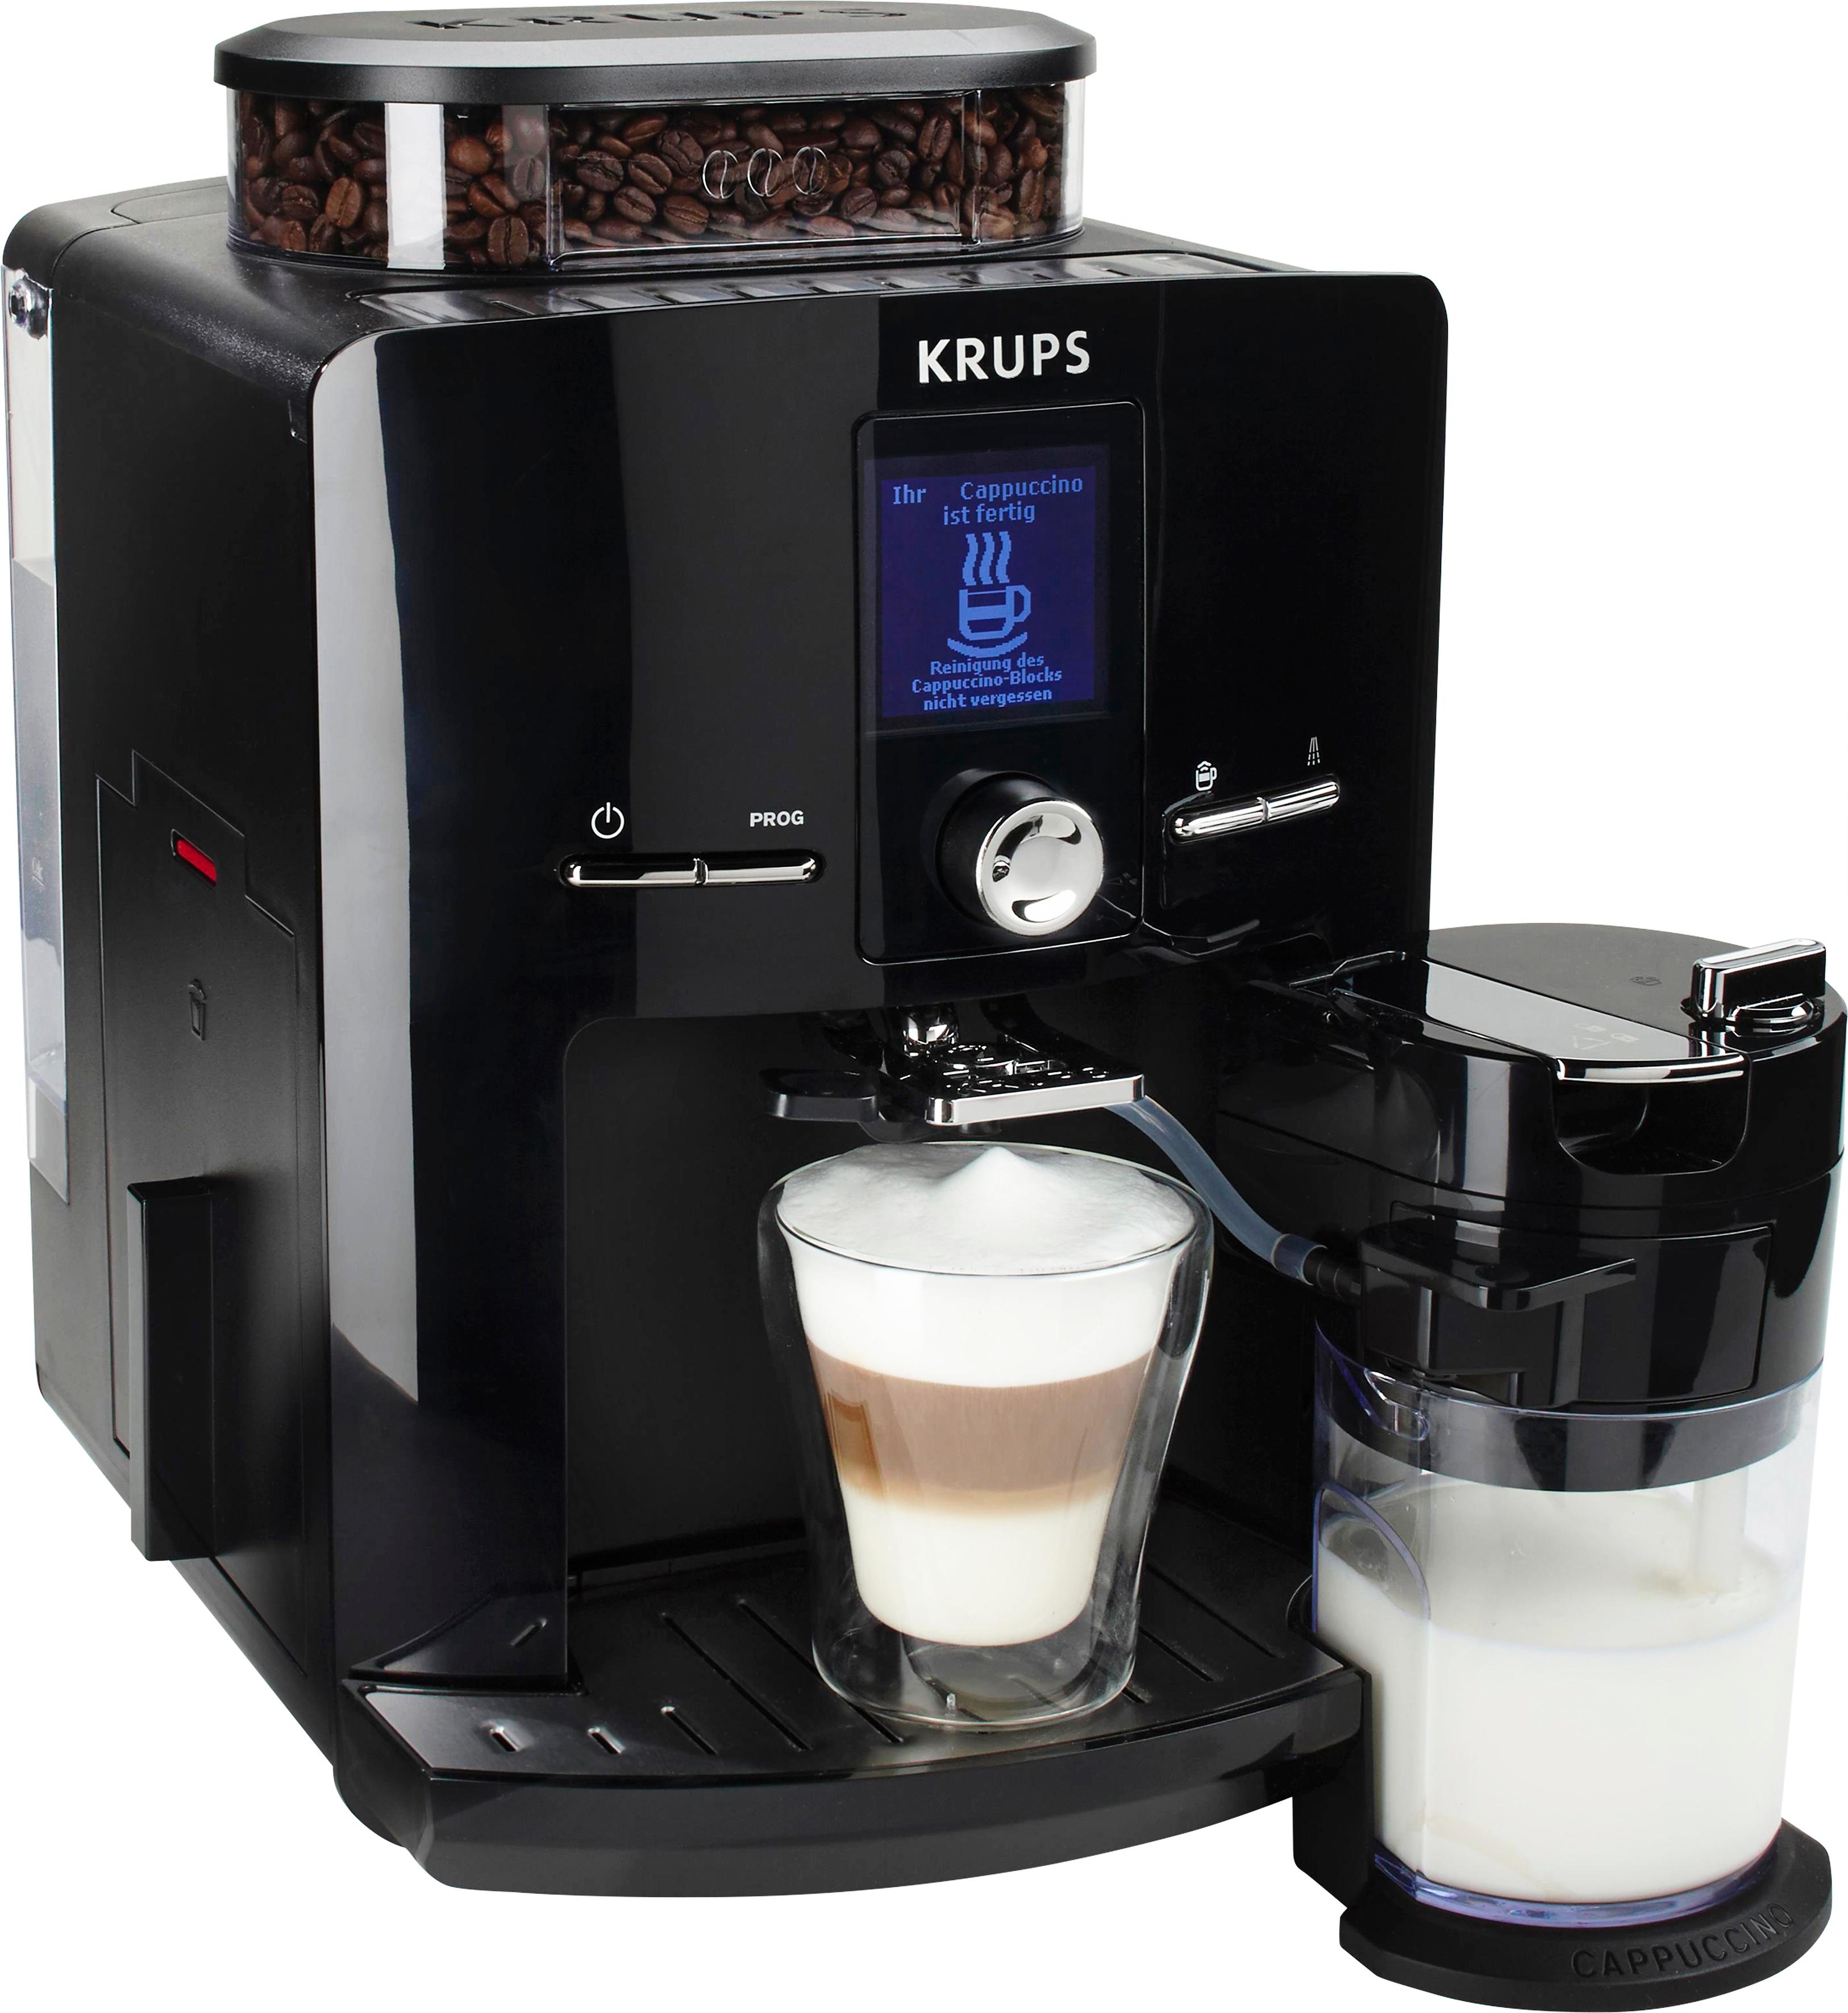 Krups volautomatisch koffiezetapparaat Latt´Espress EA8298, zwart bestellen: 30 dagen bedenktijd